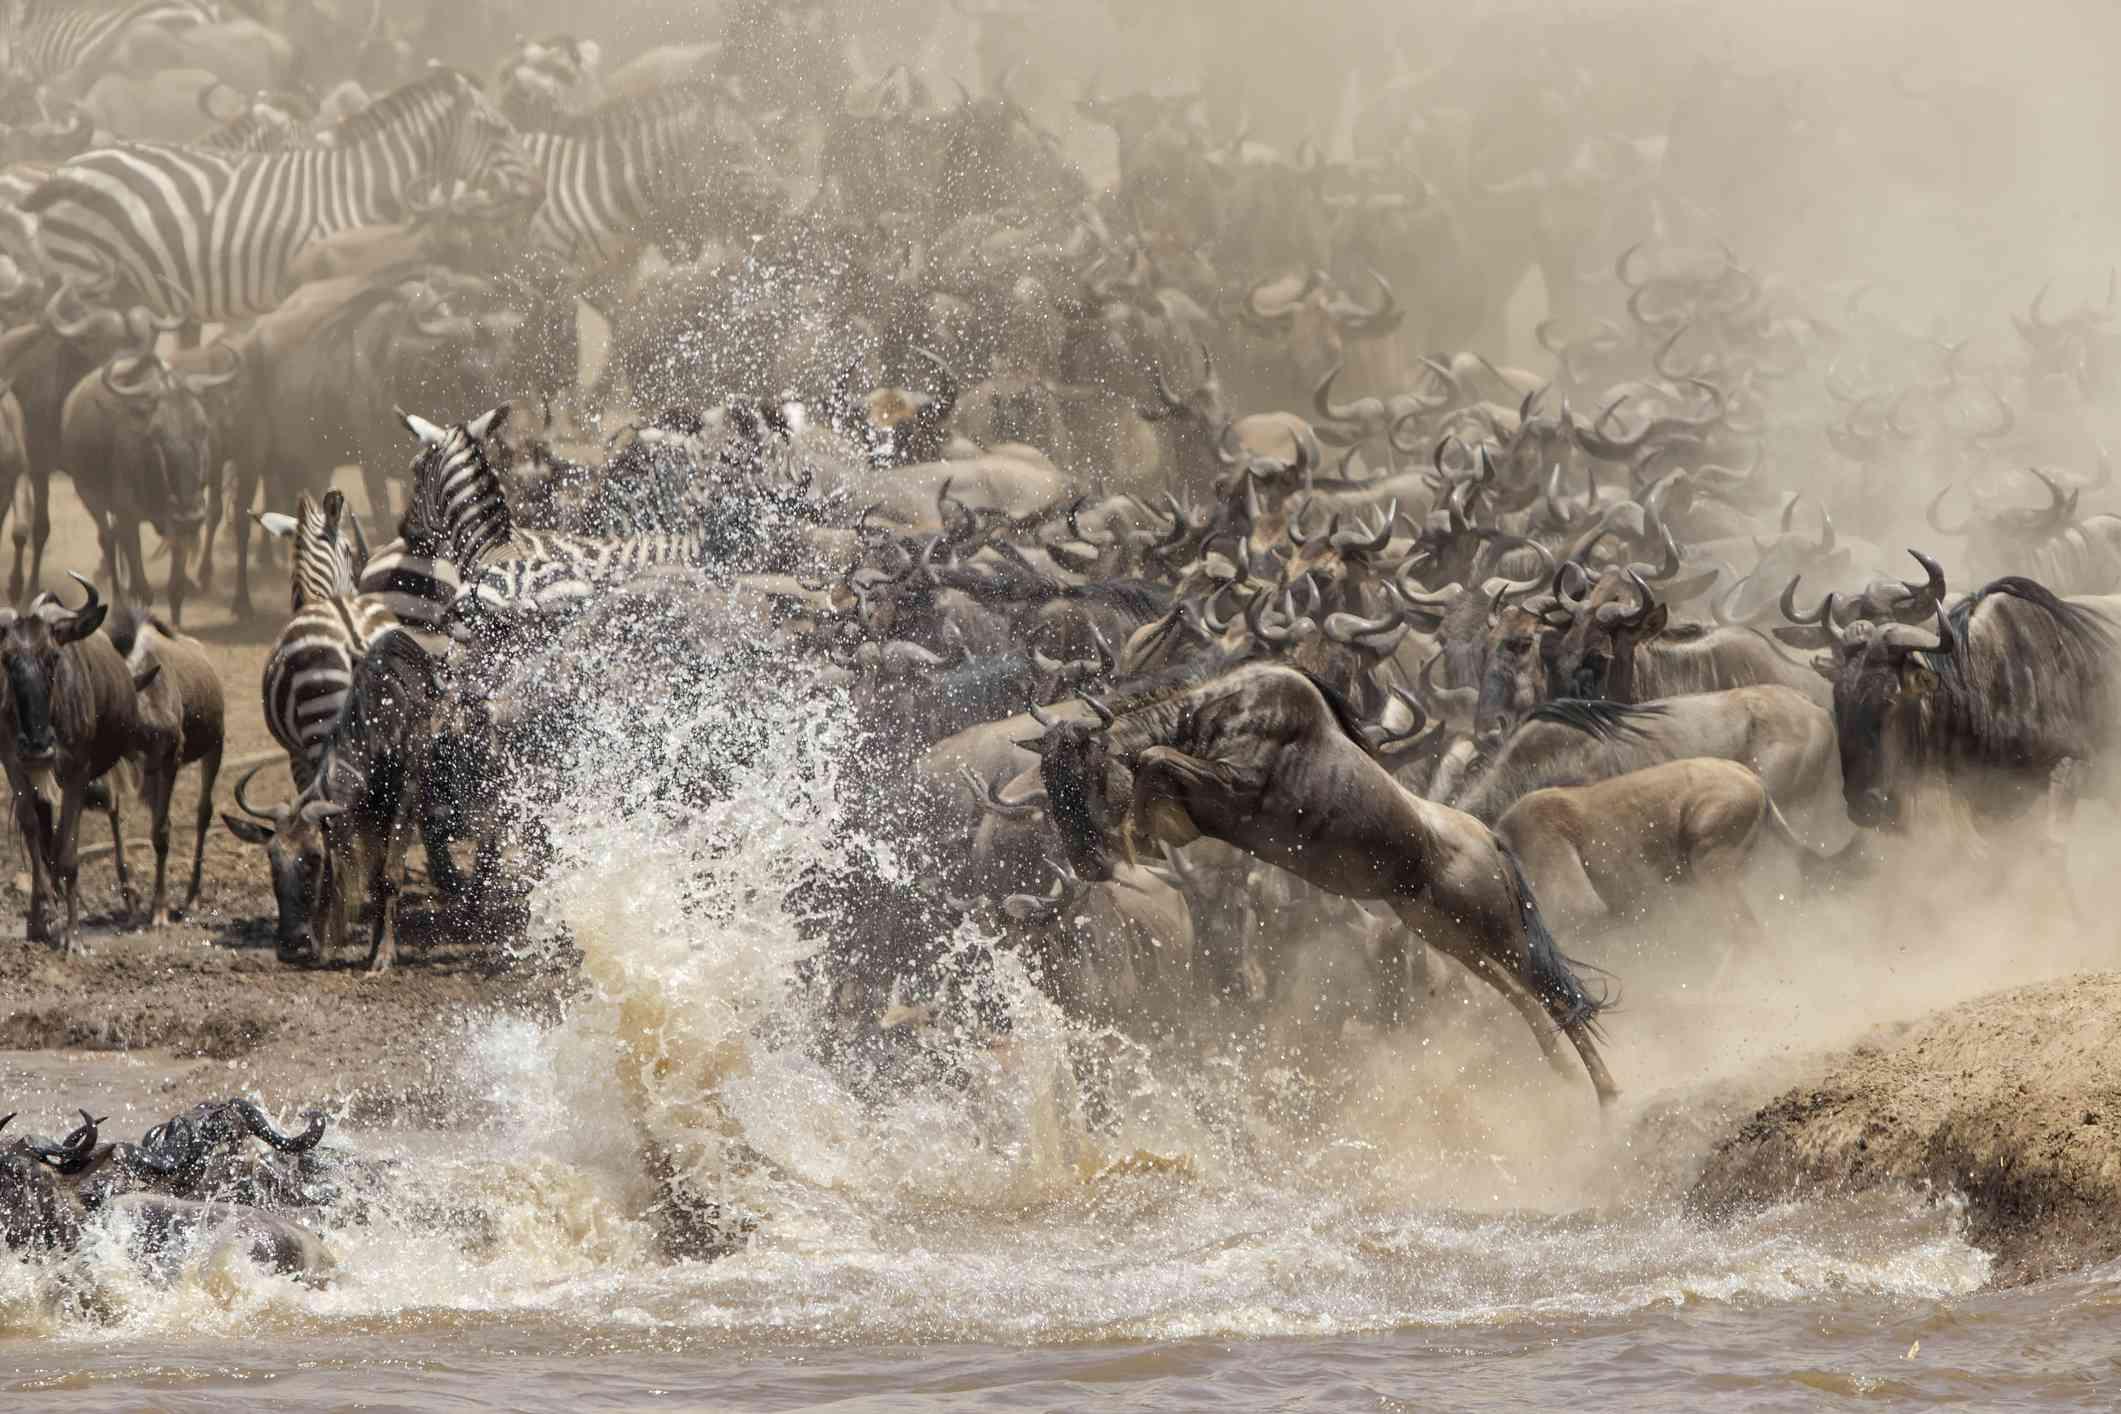 Ñus y cebras cruzando un río durante la Gran Migración